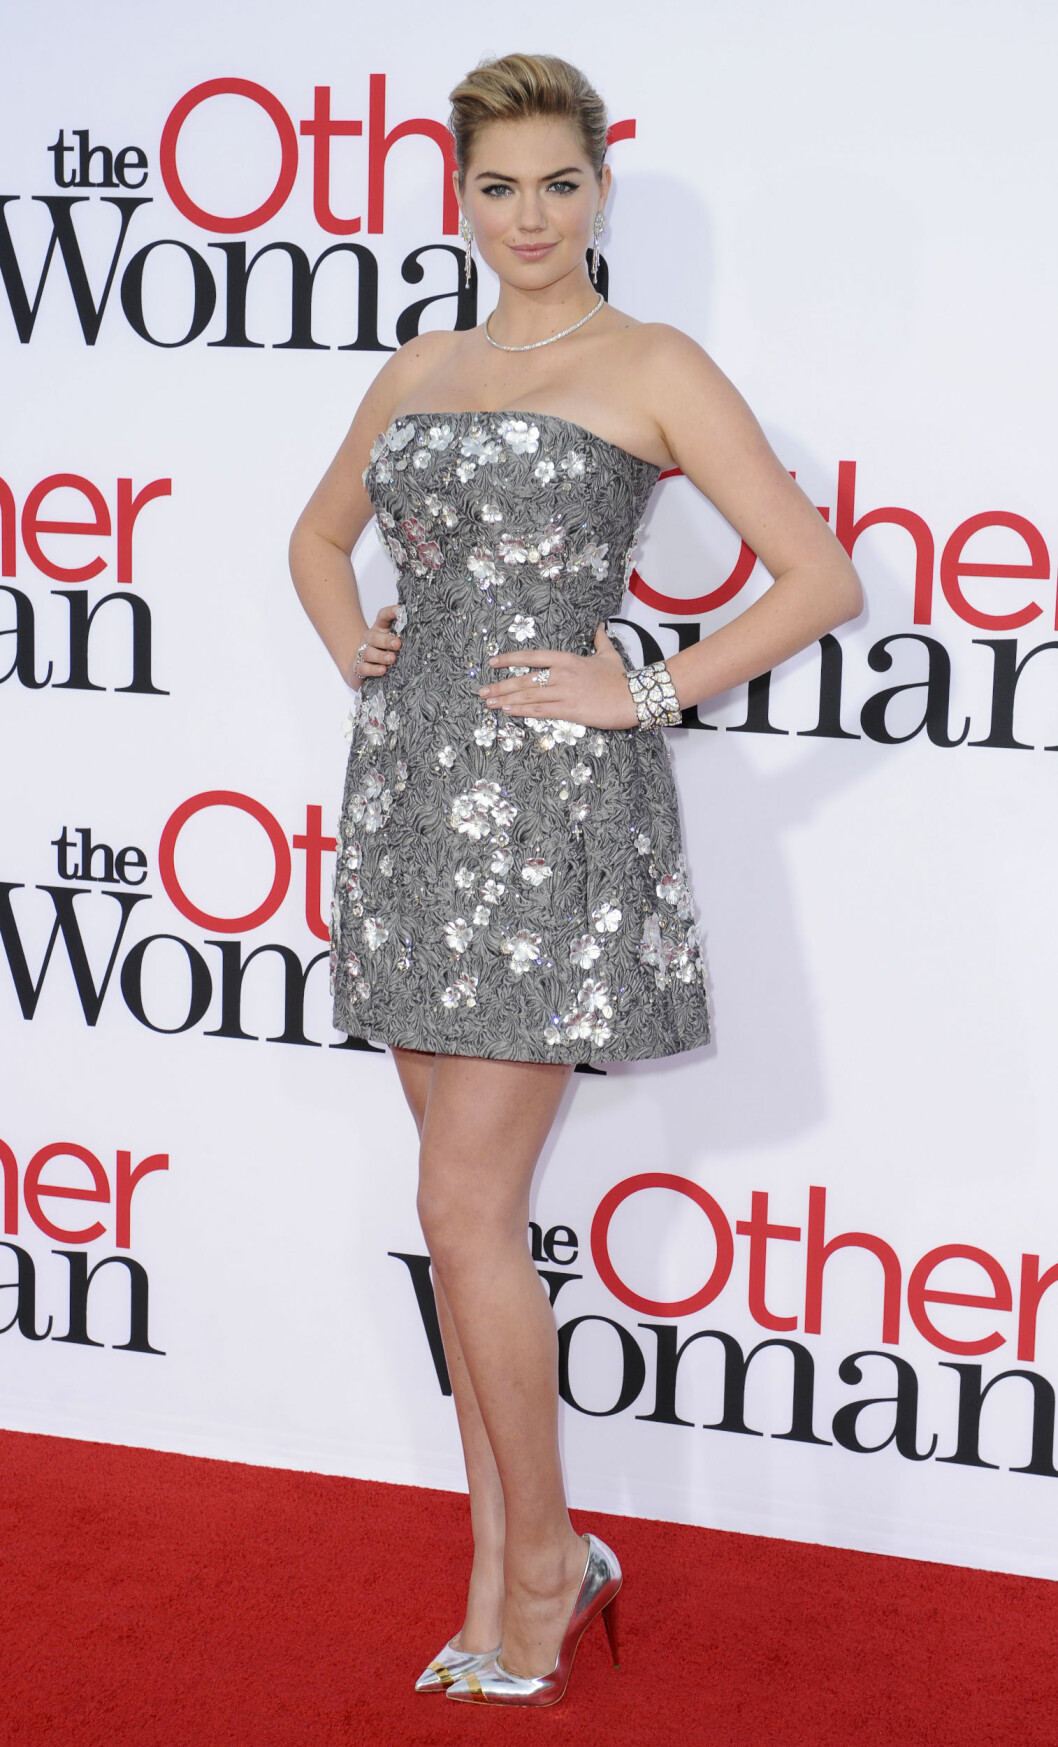 METALLISK: På premieren av The Other Woman i Los Angeles stilte skuespillerinnen i en metallisk minikjoler og matchende sko. Foto: All Over Press